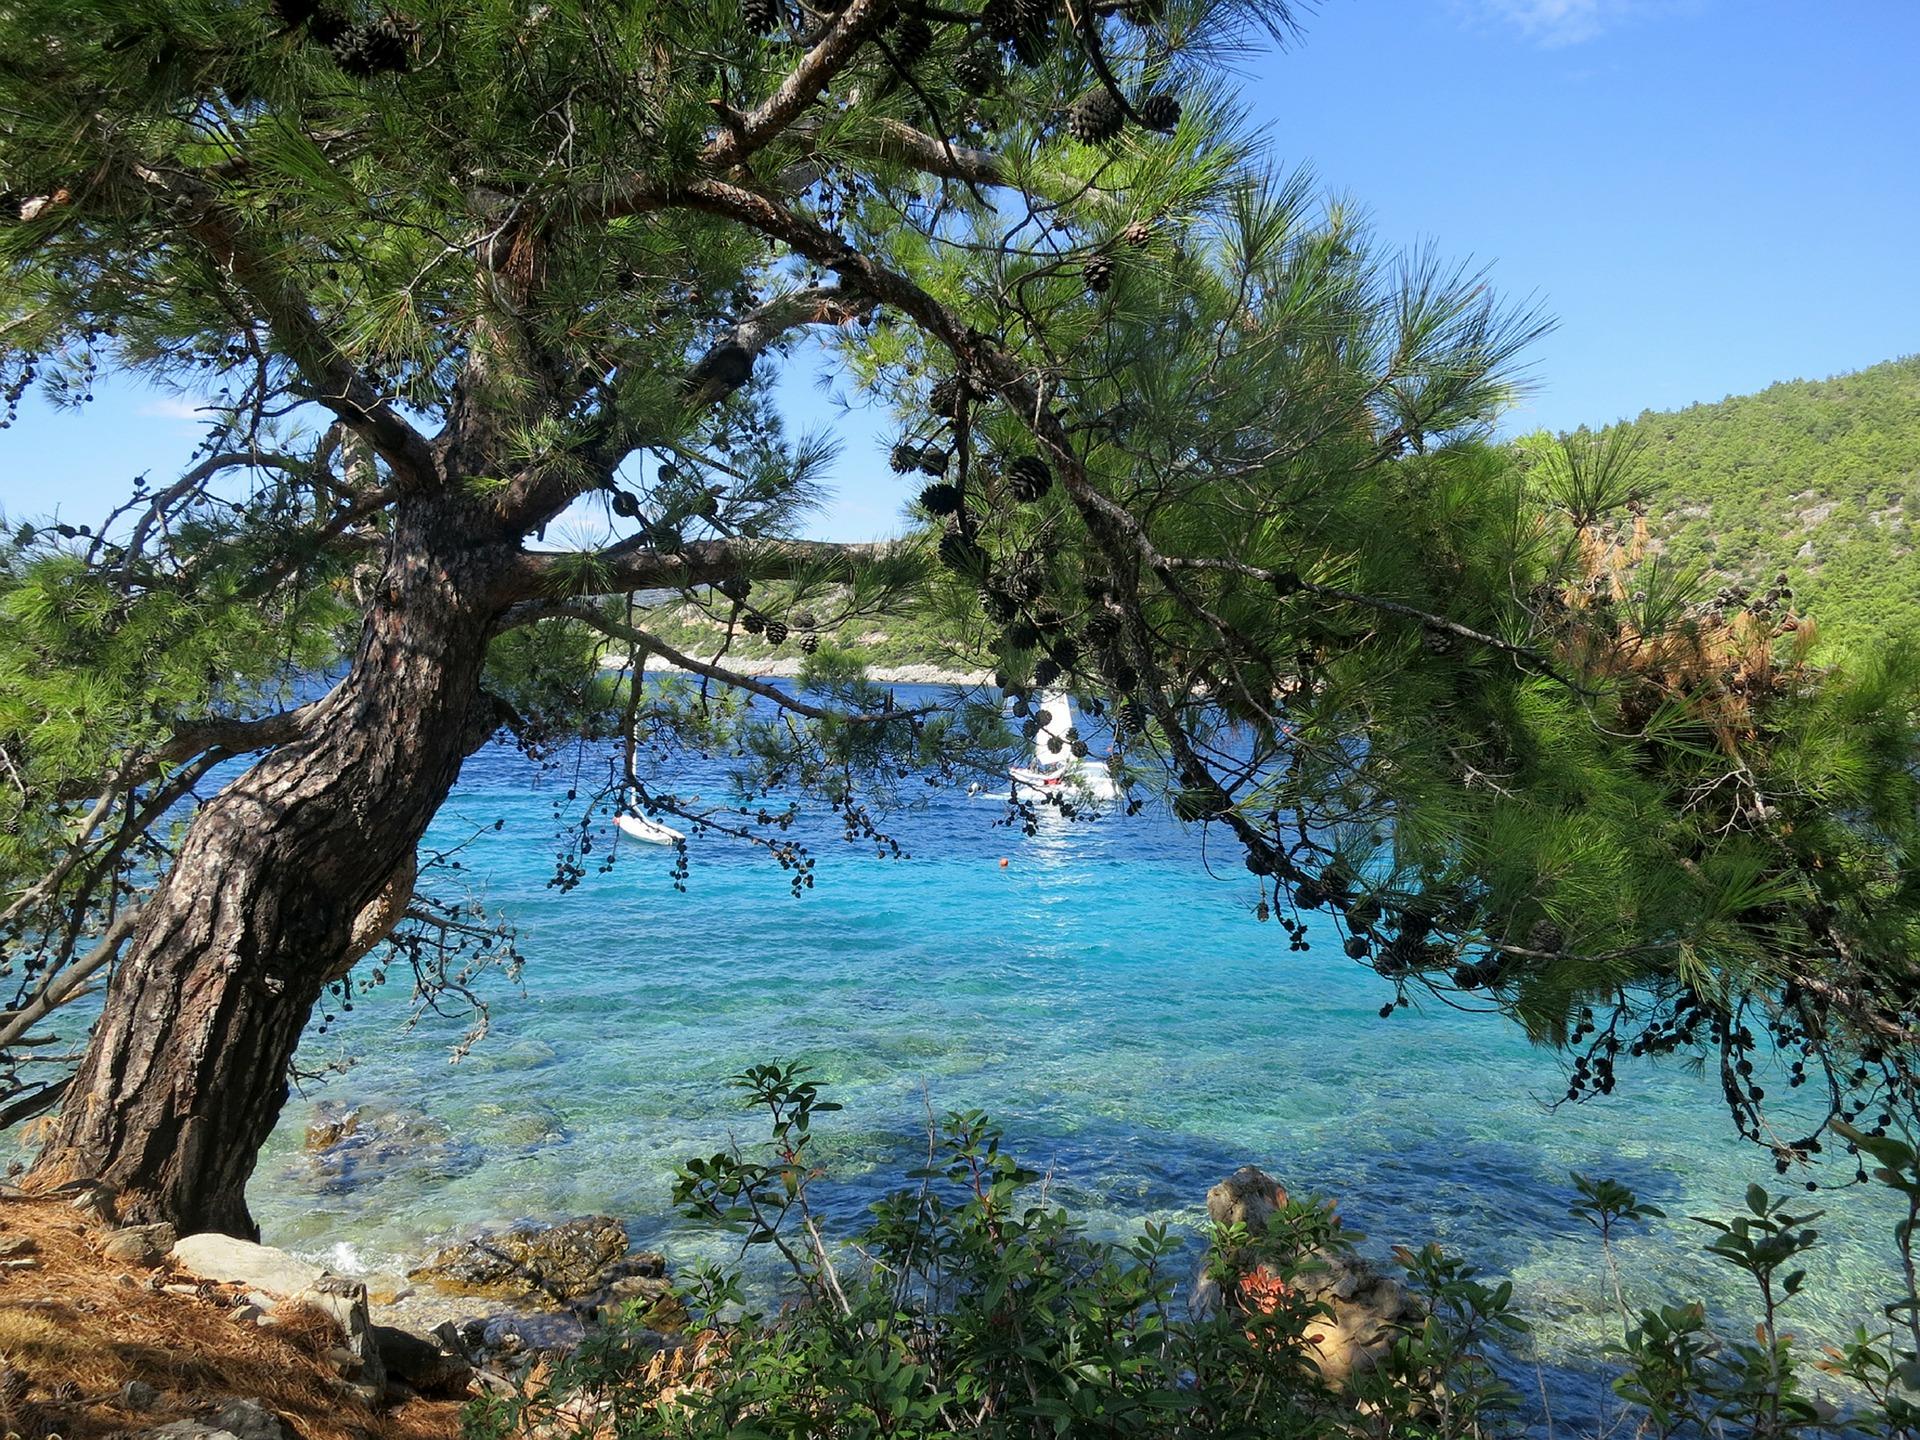 Türkei Bodrum - Baum und türkises Gewässer